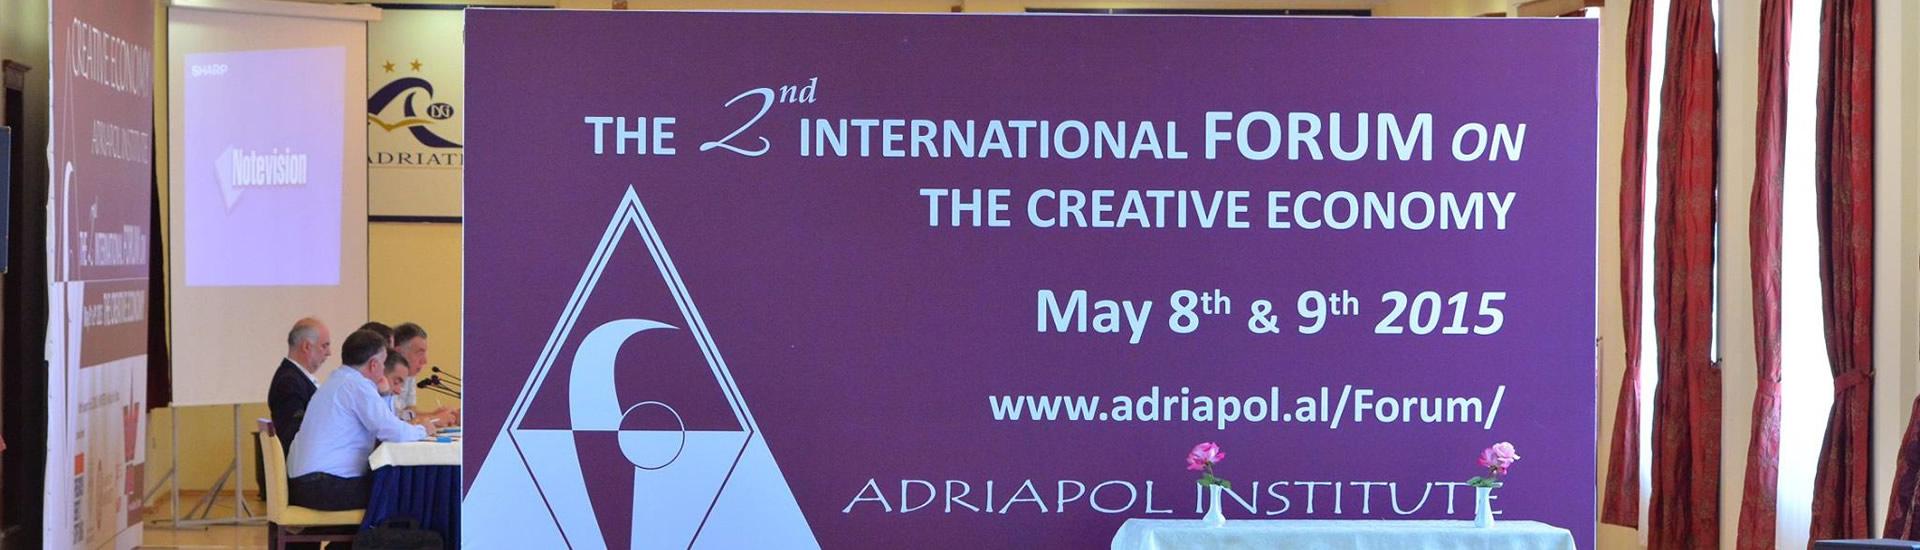 adriapol-forum-2-2